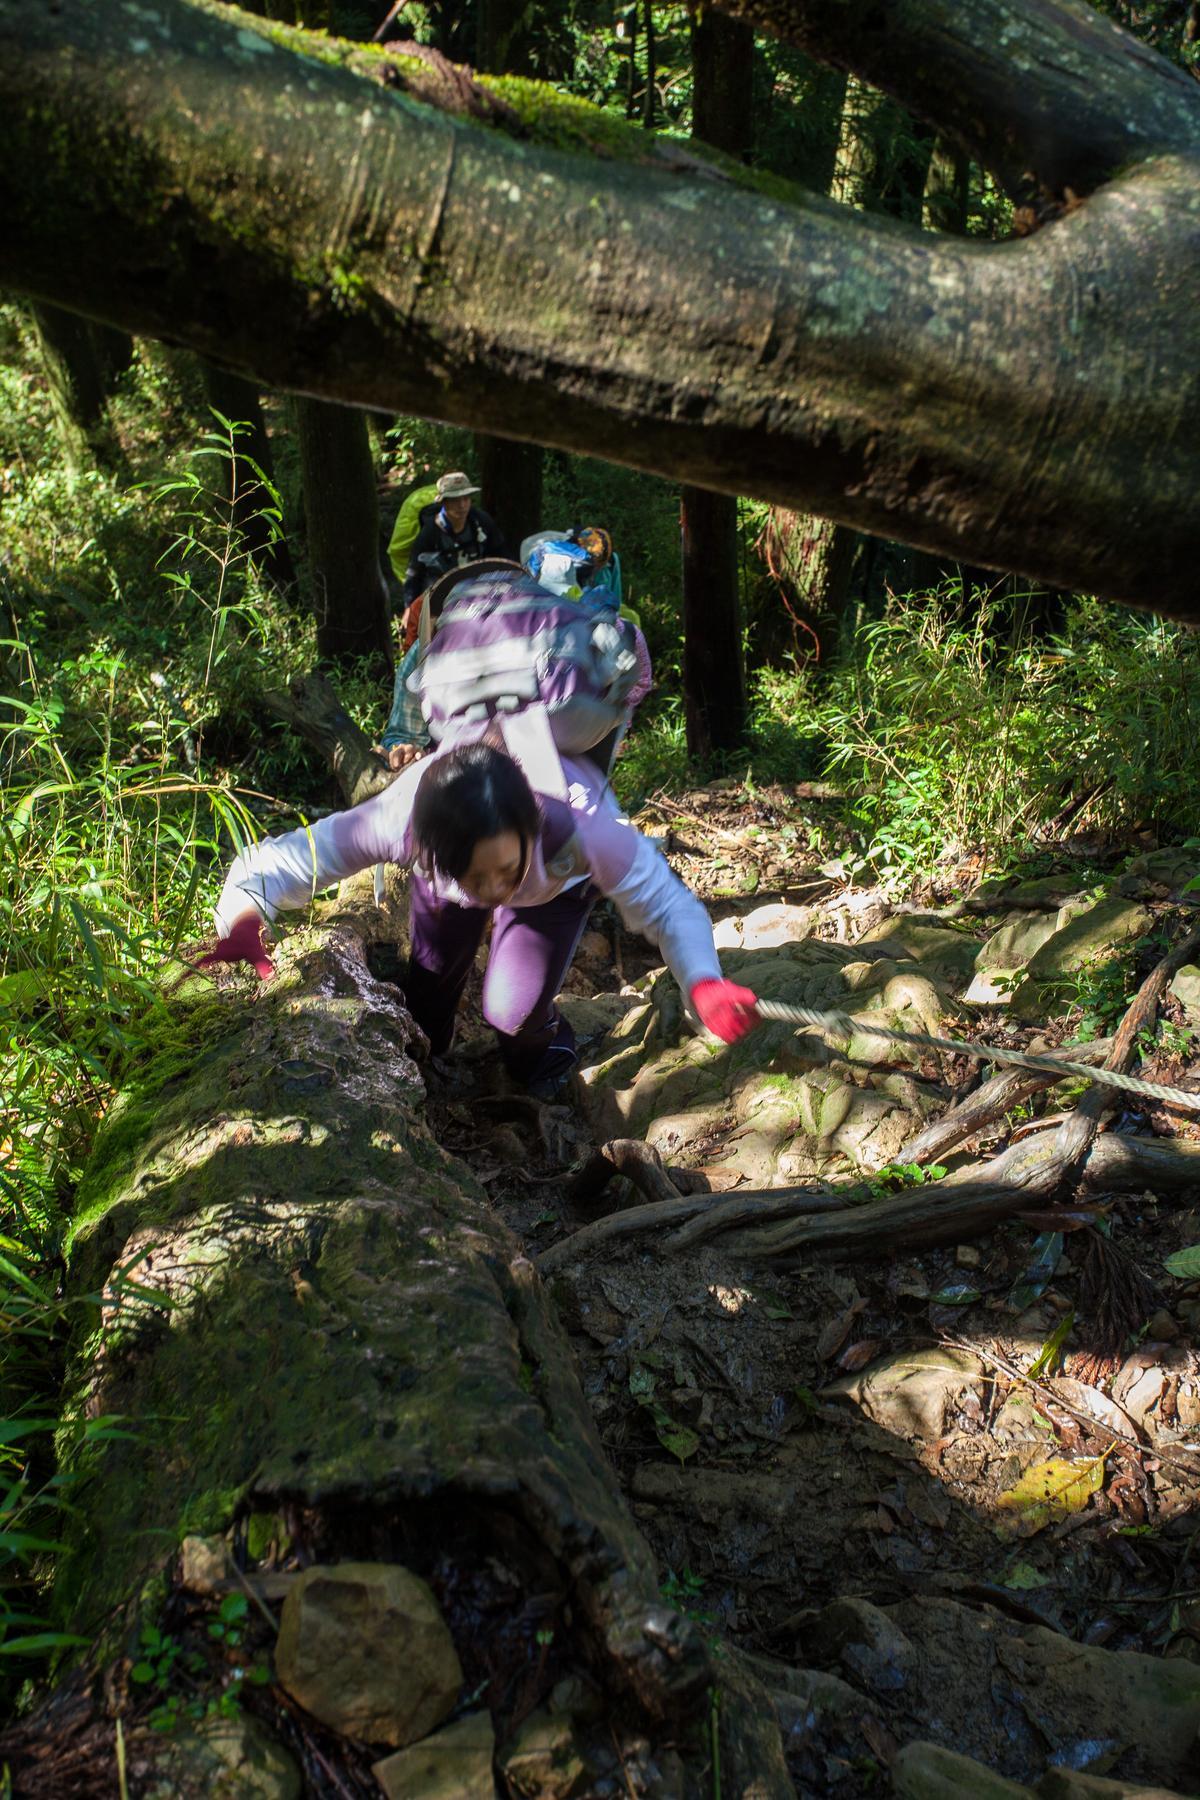 彎下腰是一種登山哲學,只有彎下才能繼續前進。